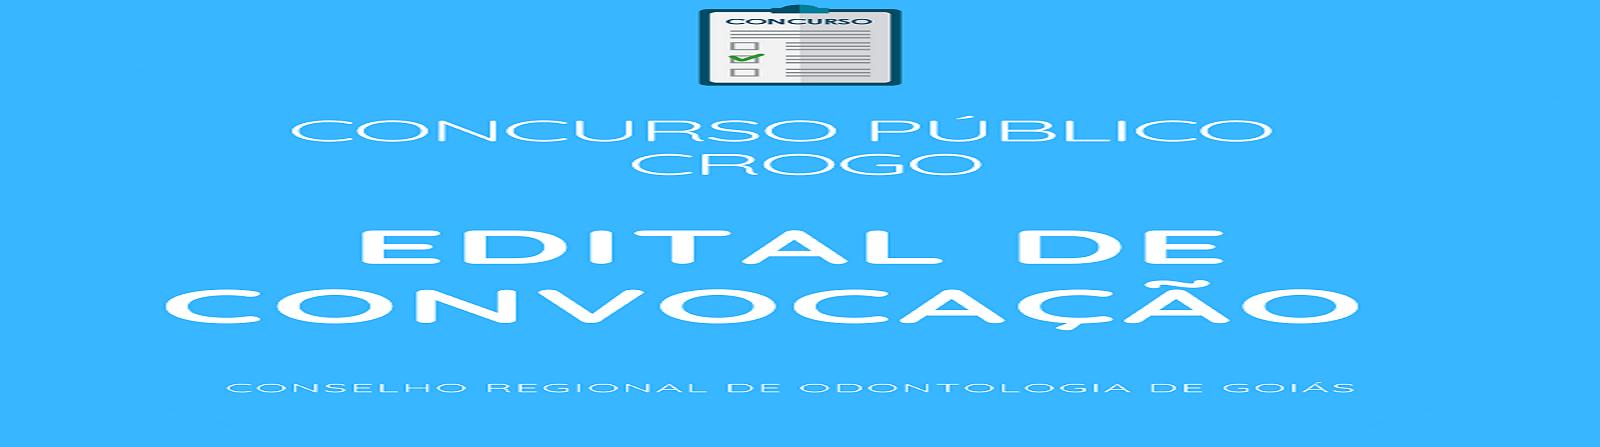 CROGO_convoca_mais_4_candidatos_-_1600_x_447